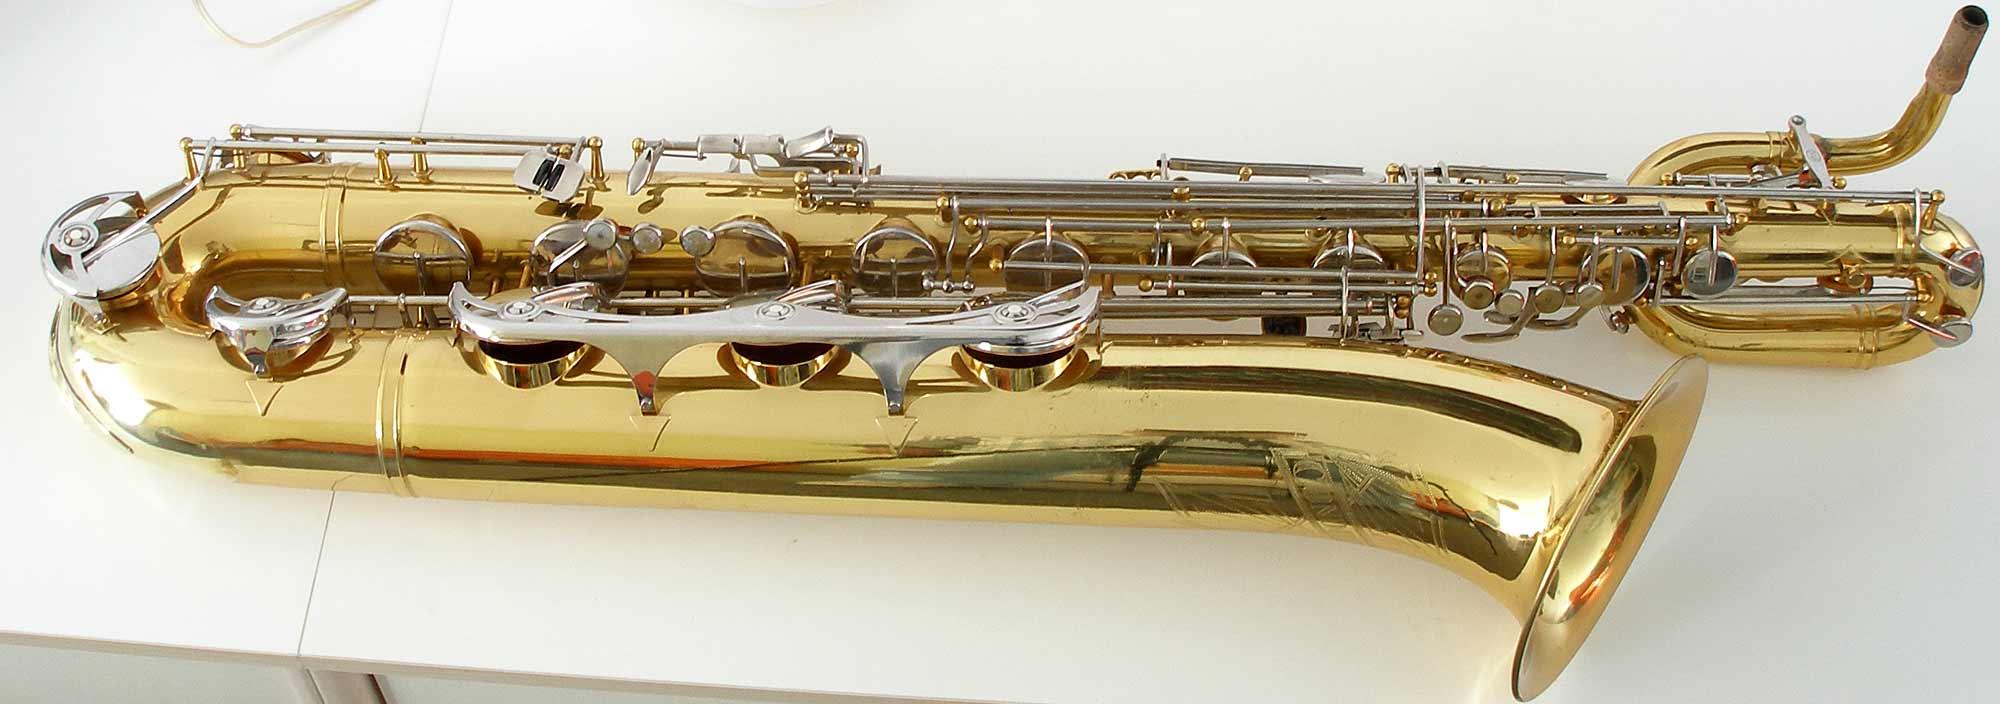 Weltklang vs Blue Label baritones, B&S baritone saxophone, blue label bari sax, low A bari sax,